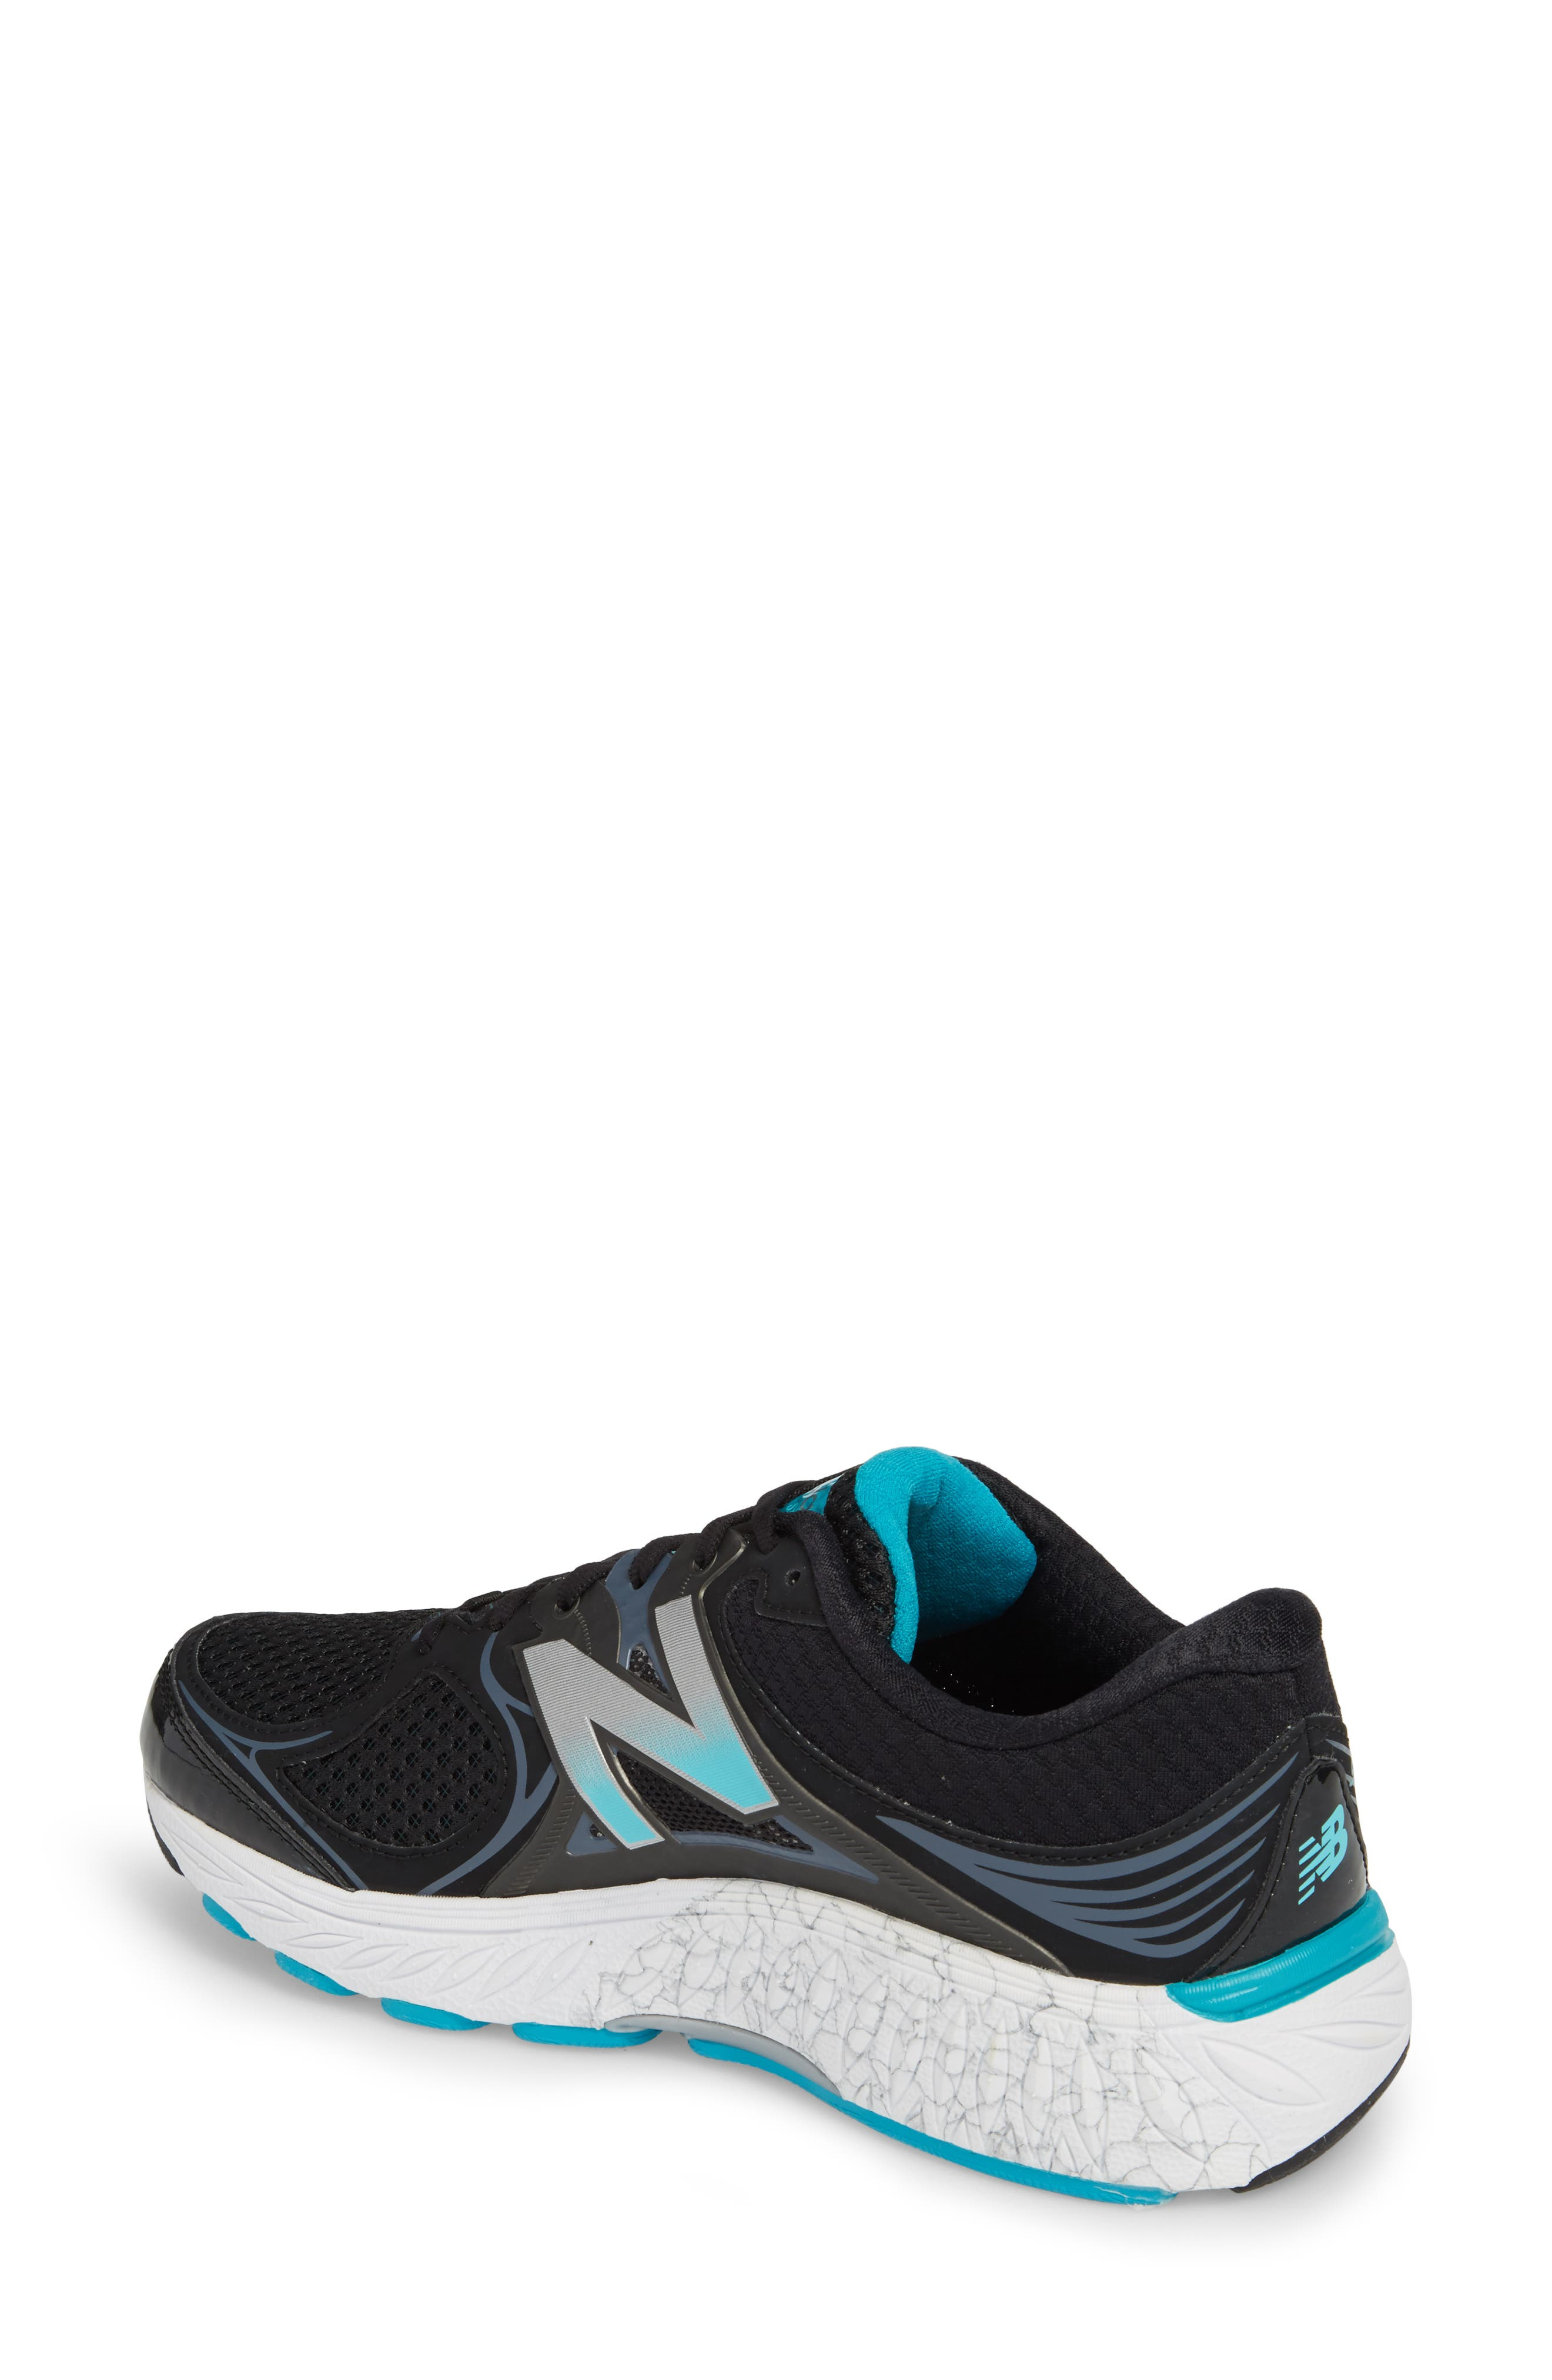 940v3 Running Shoe,                             Alternate thumbnail 2, color,                             BLACK/ BLUE